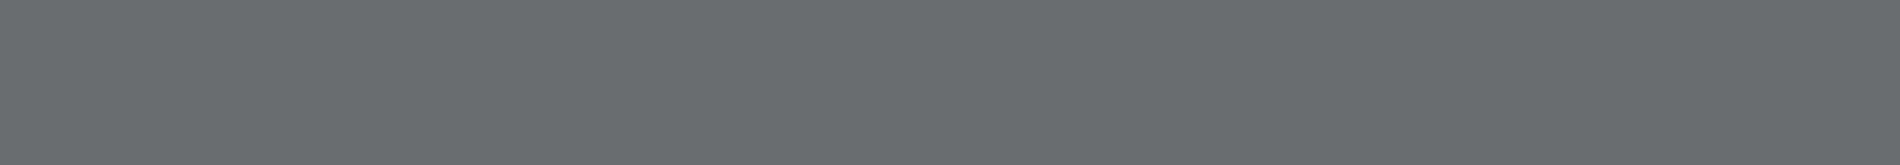 fondo gris plano